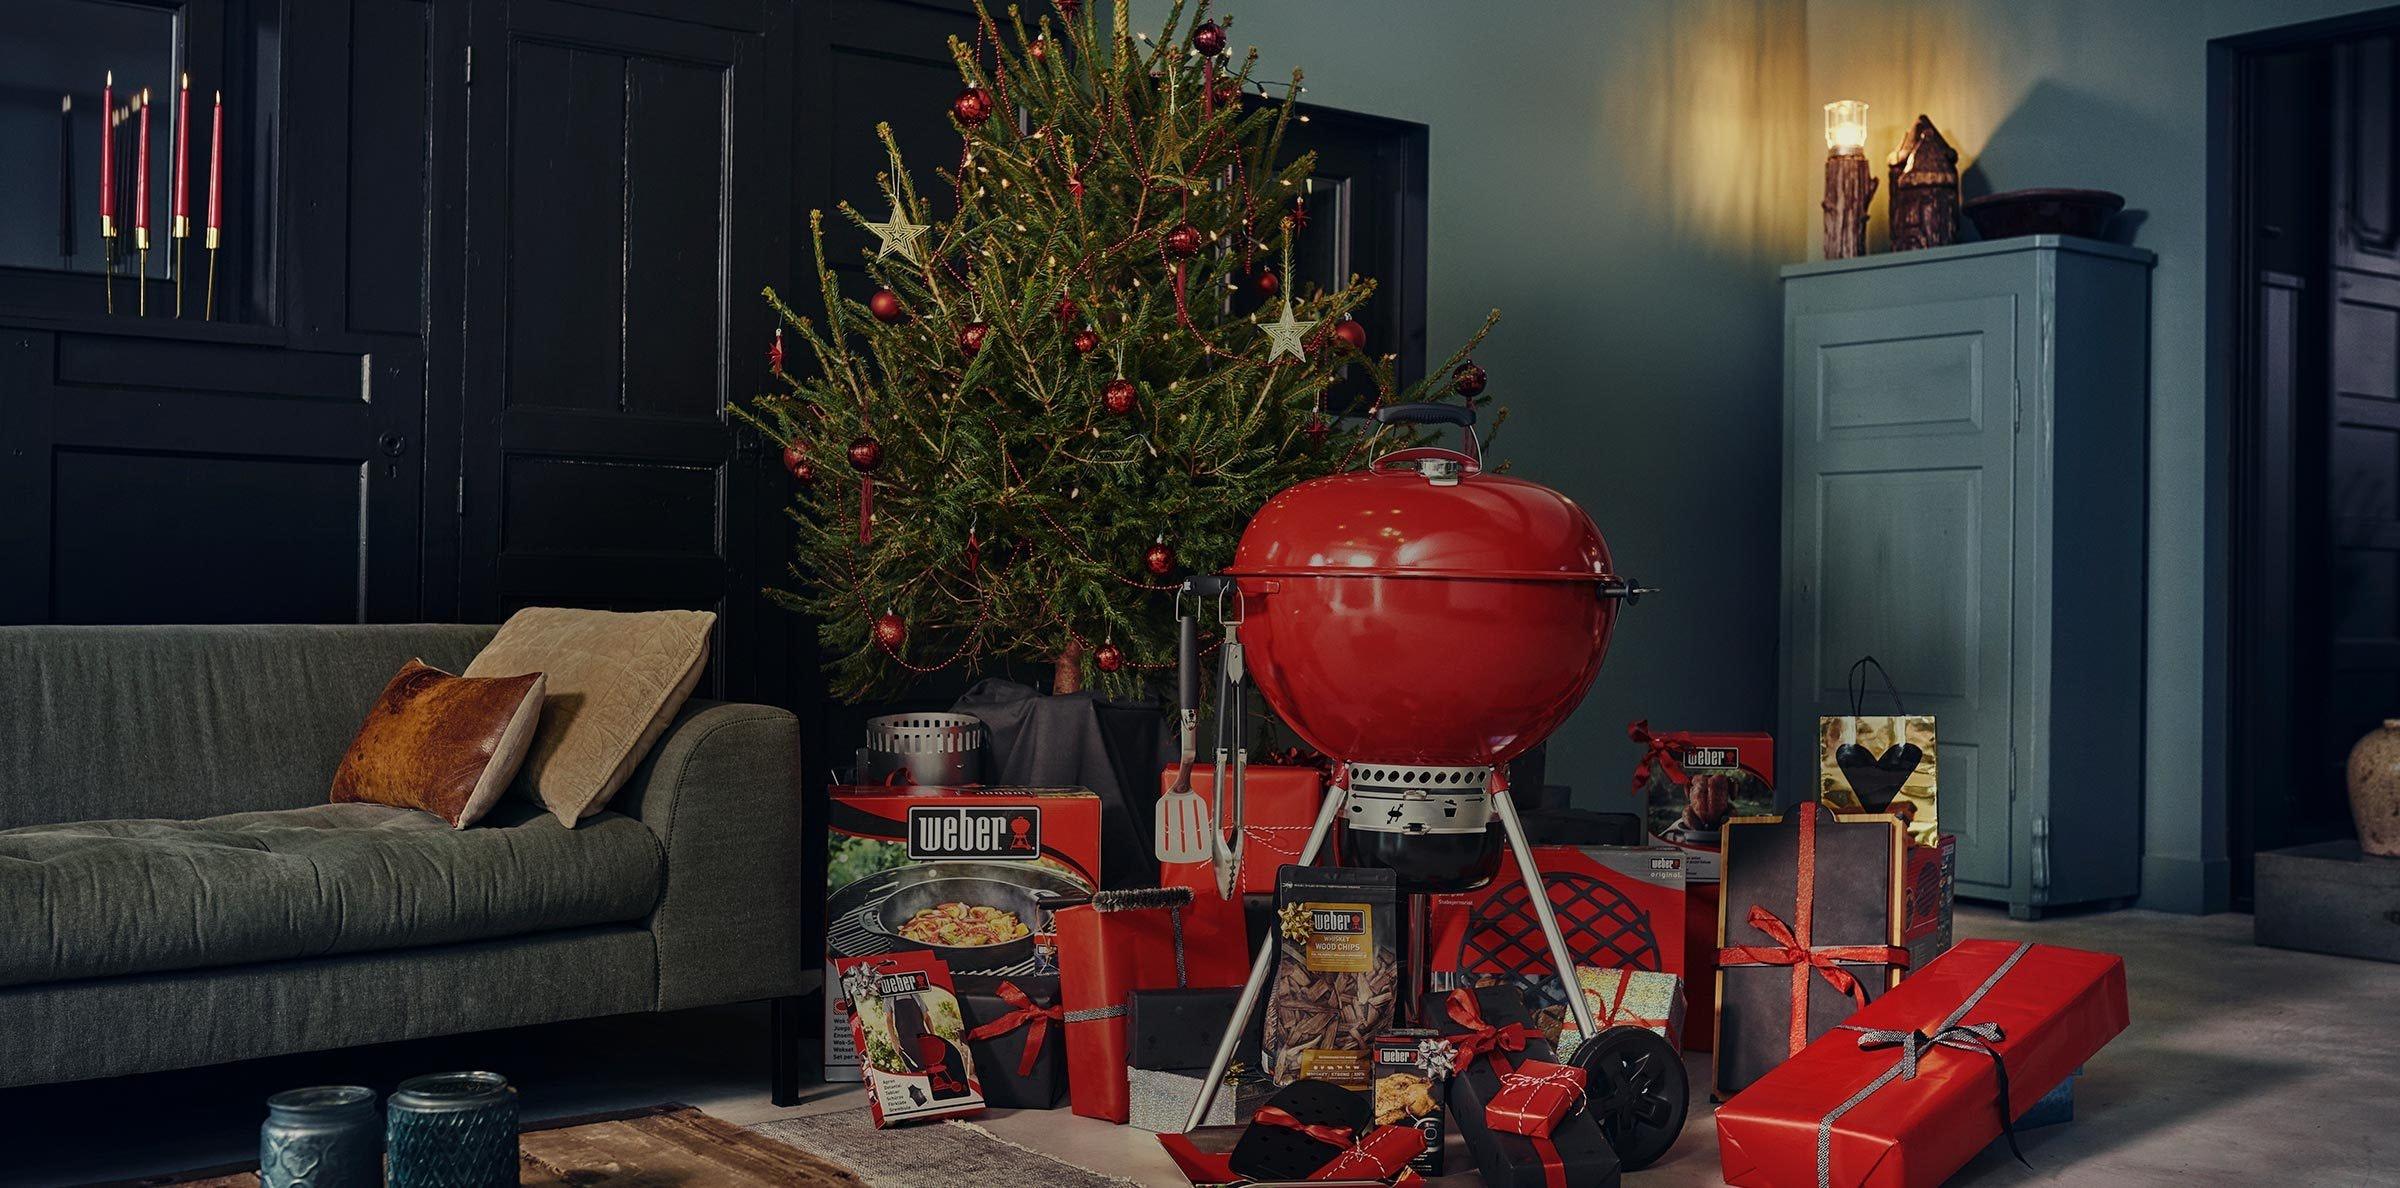 Najděte ten nejlepší Vánoční dárek